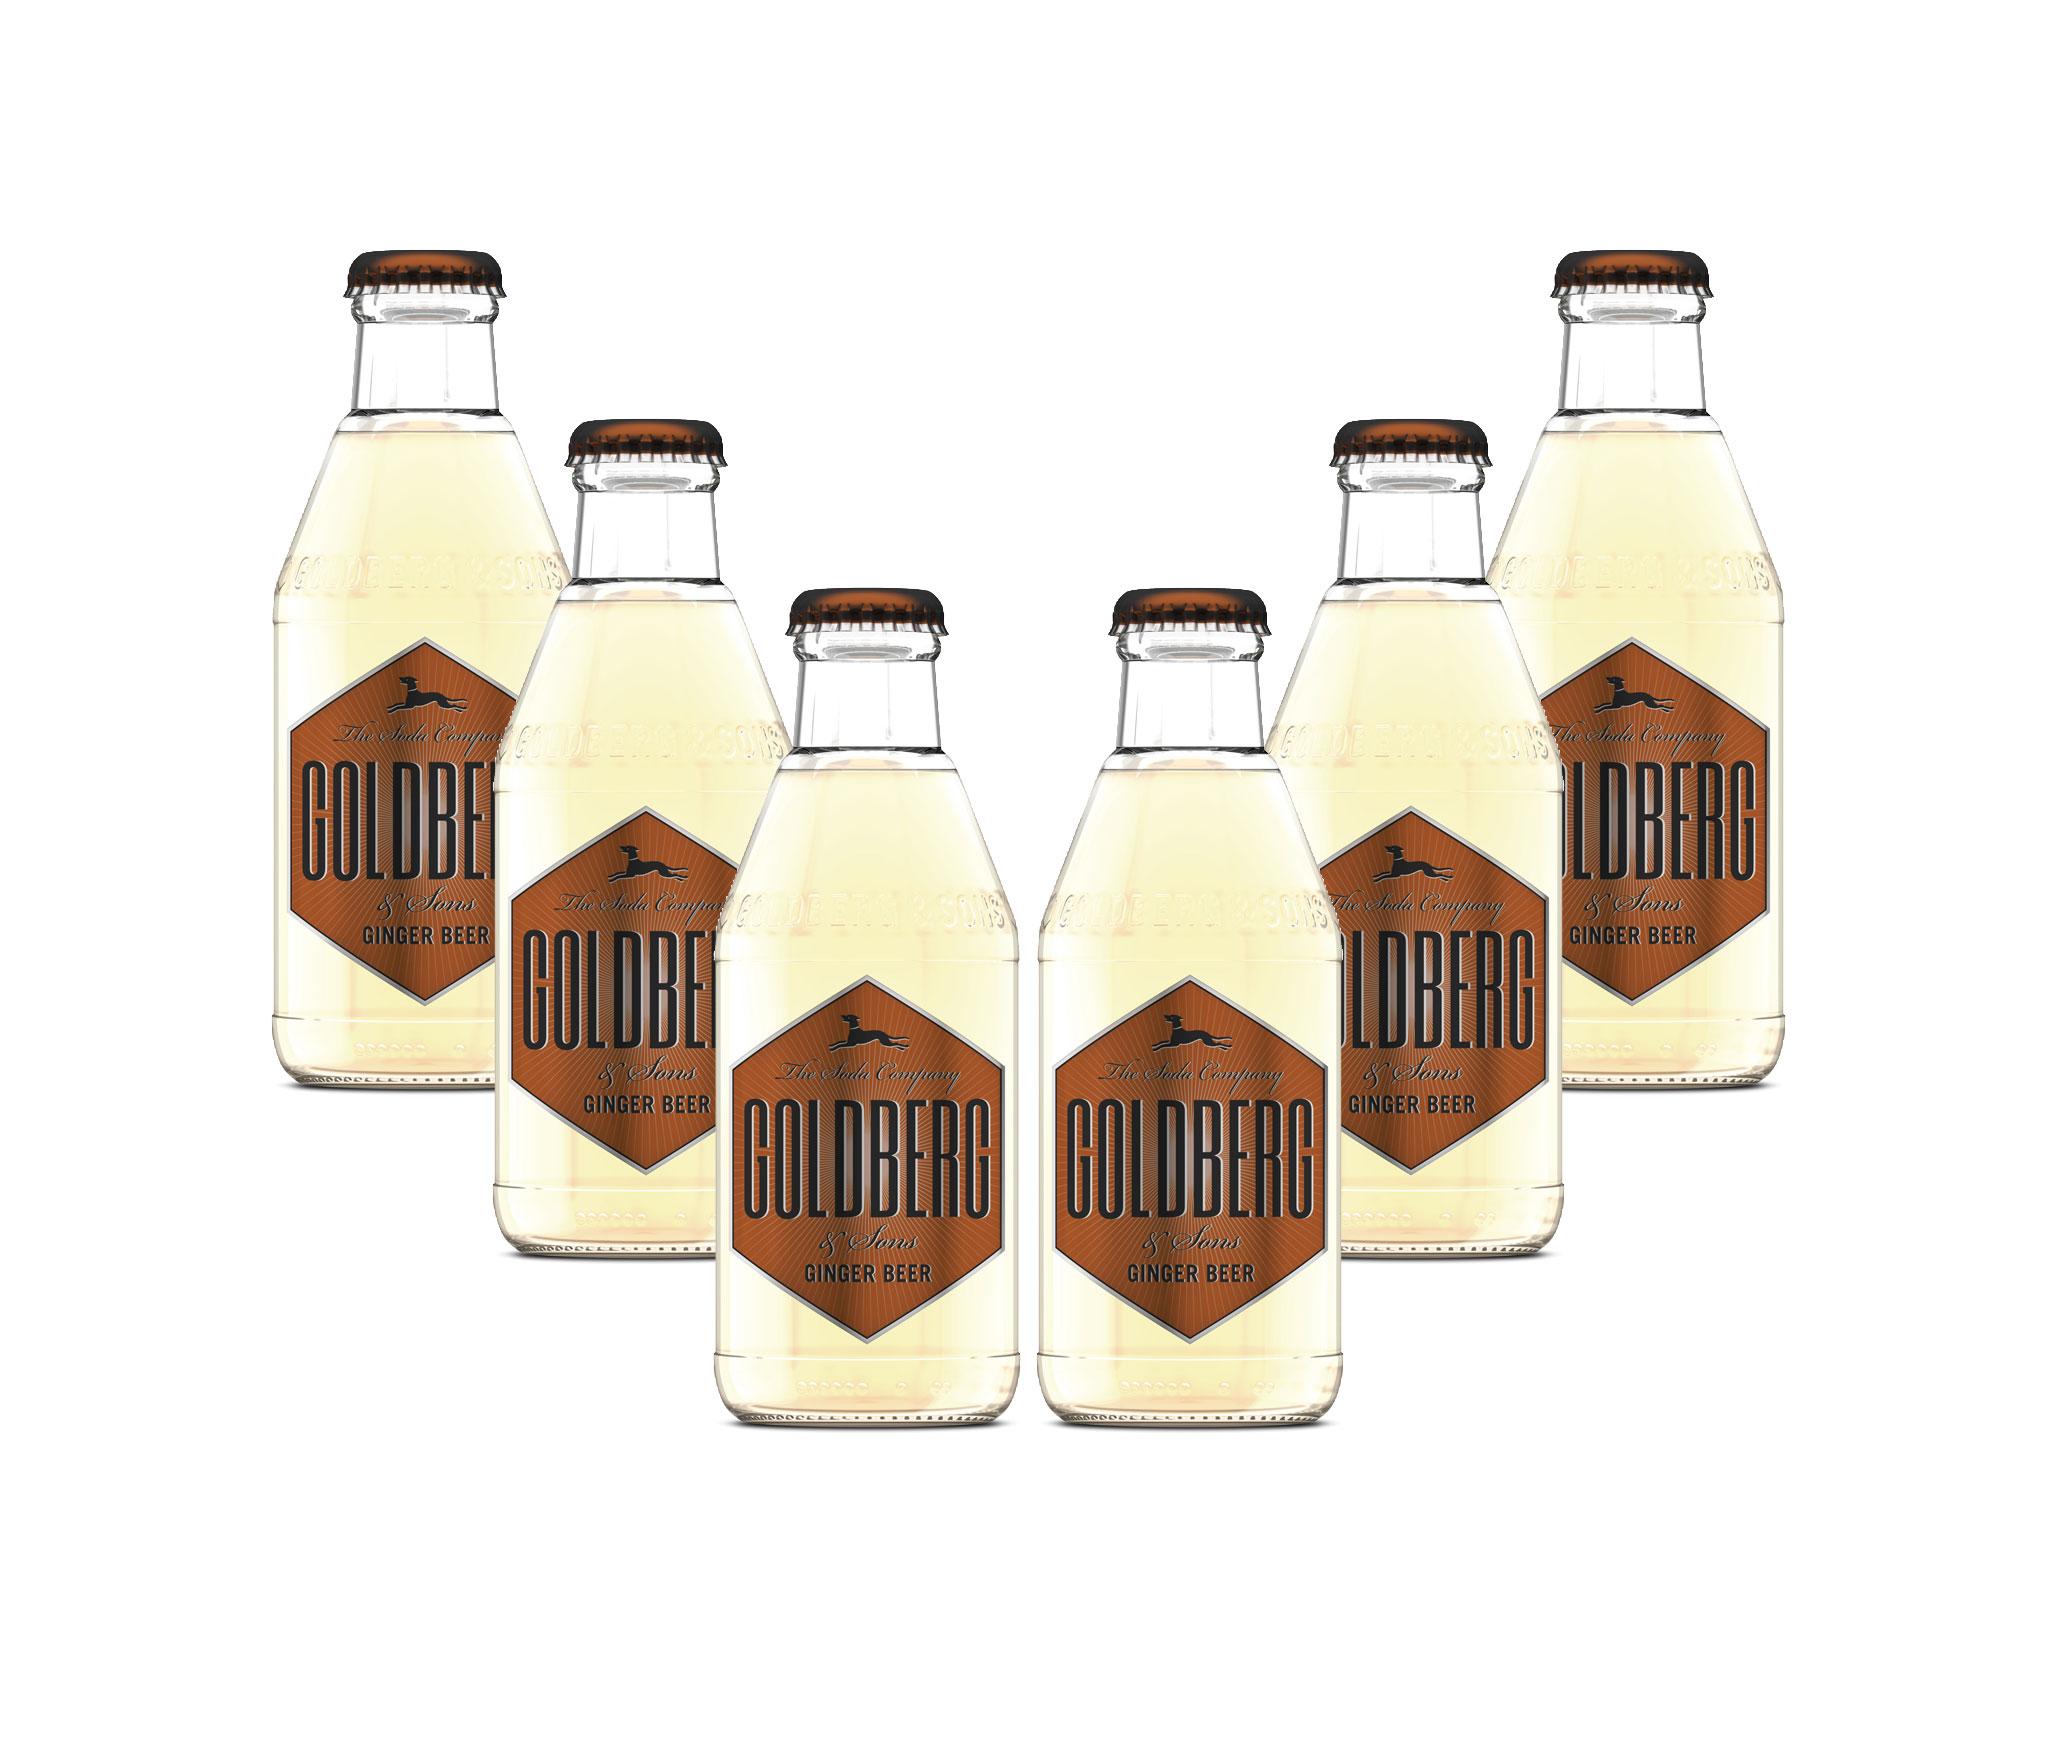 Goldberg Ginger Beer 6er Set - 6x200ml inkl. Pfand MEHRWEG